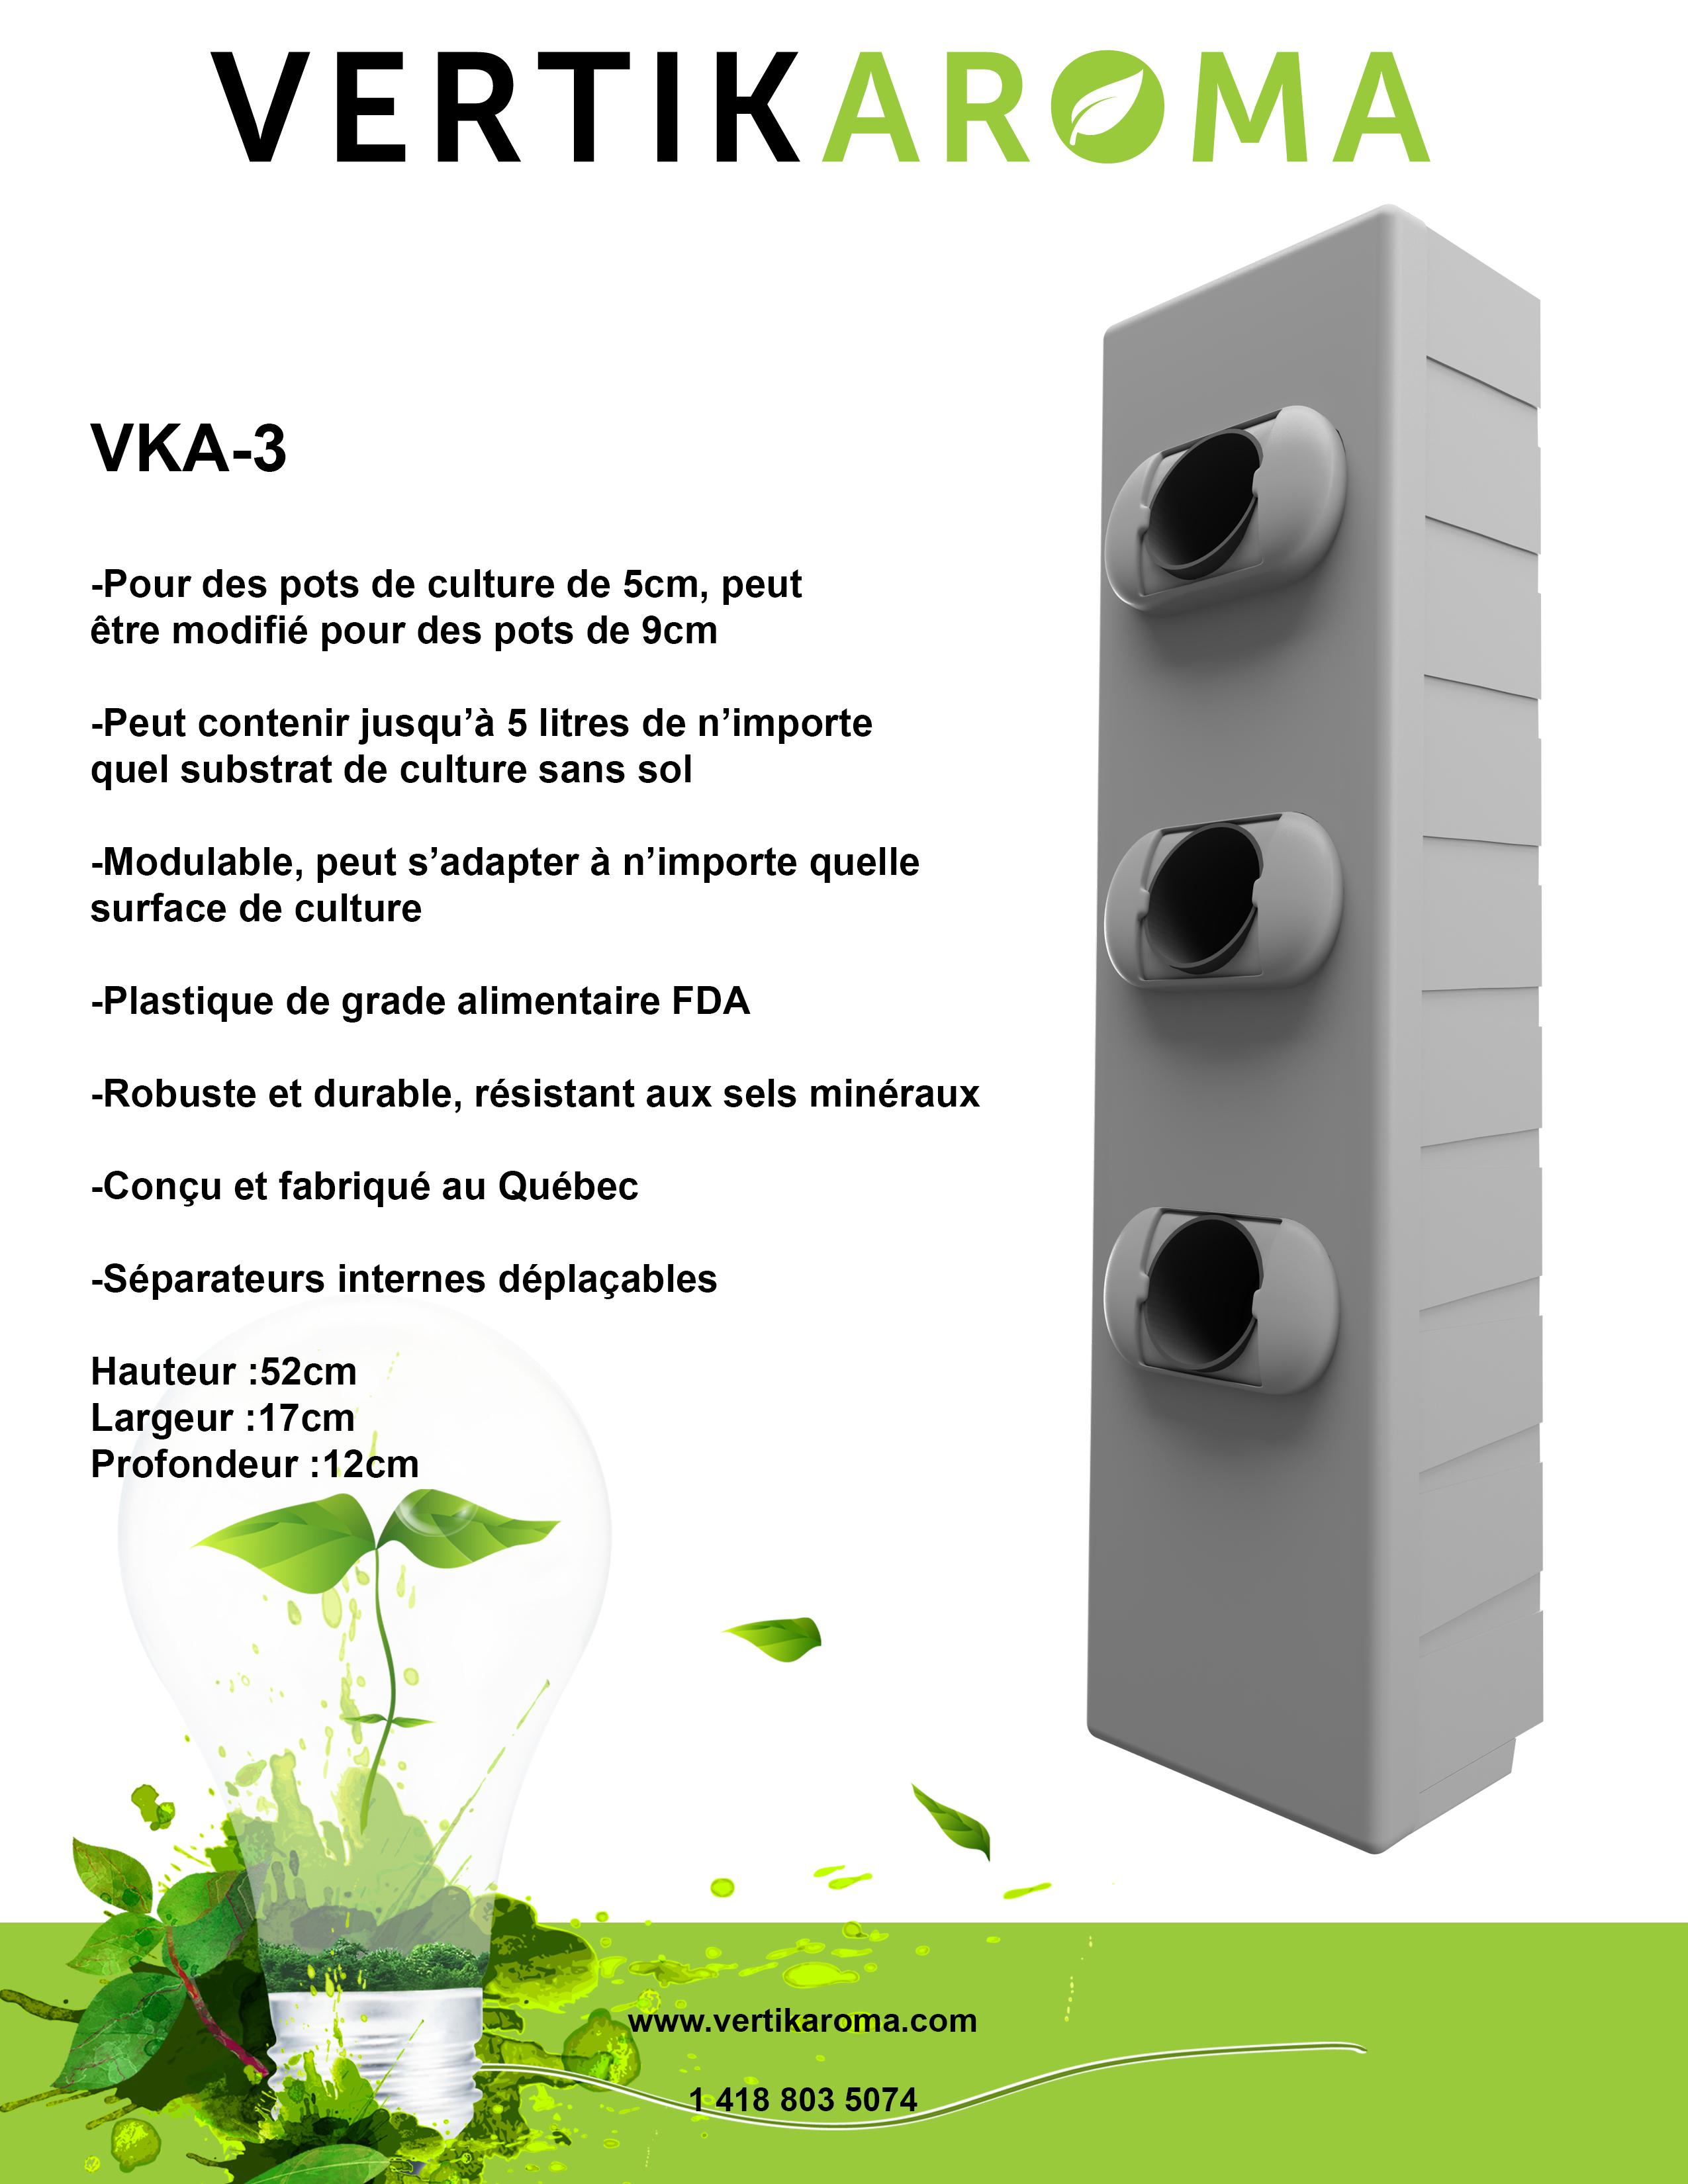 vka-3